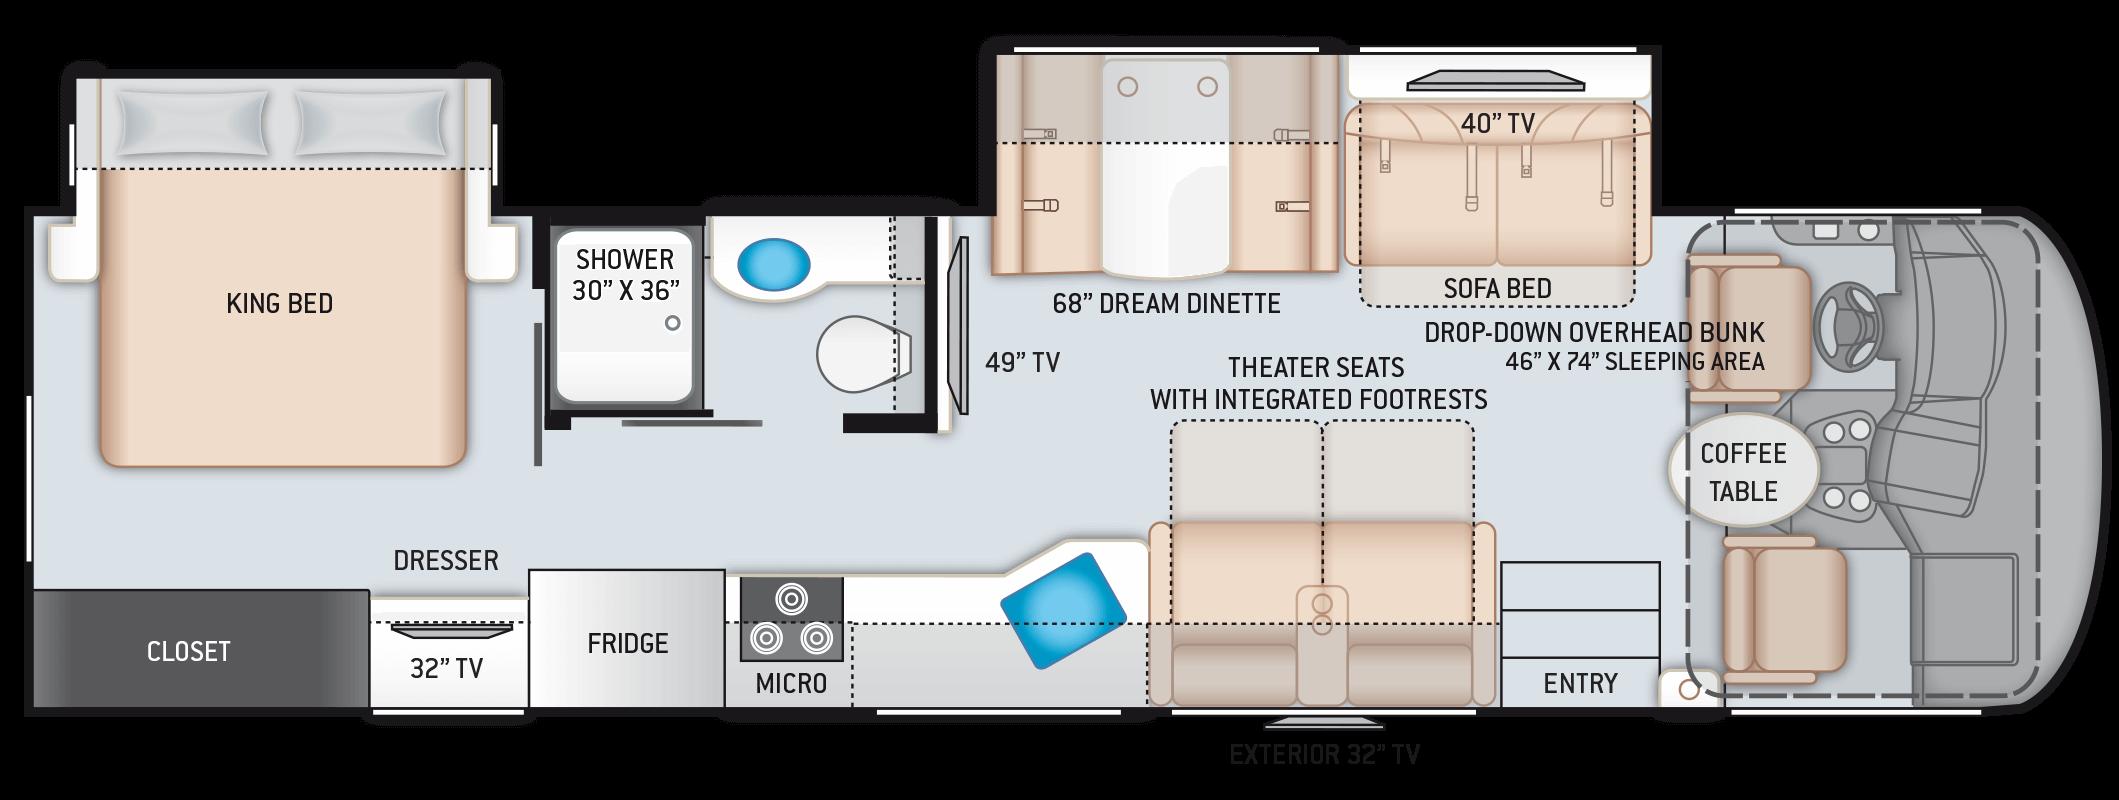 A C E Class A Motorhome 33 1 Floor Plan